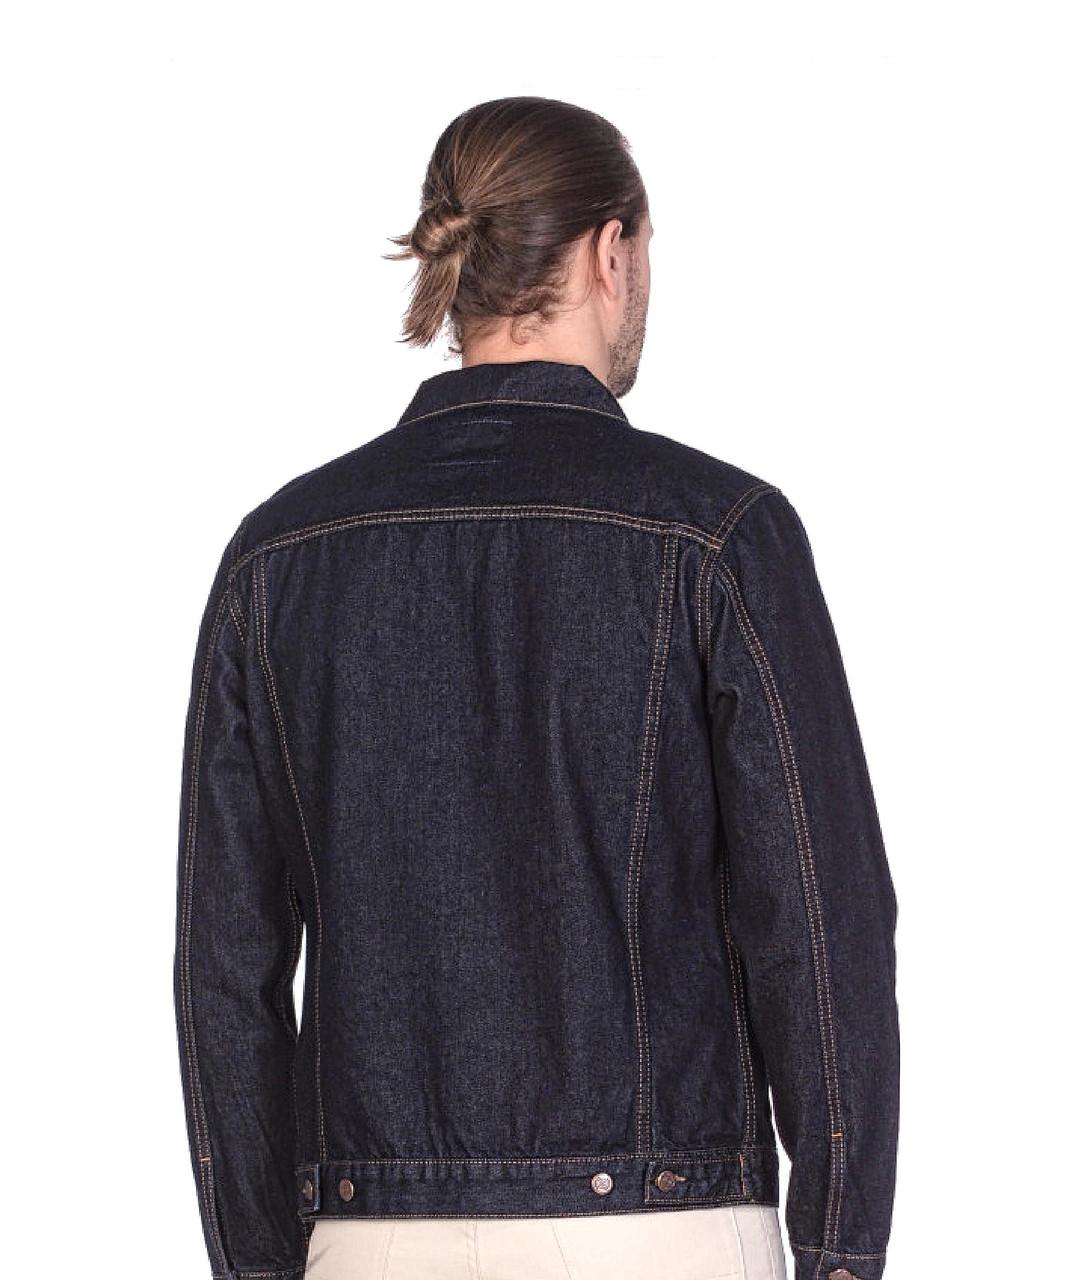 """Джинсовая мужская куртка """"Koutons"""" (размеры 3XL/54) - фото 3"""